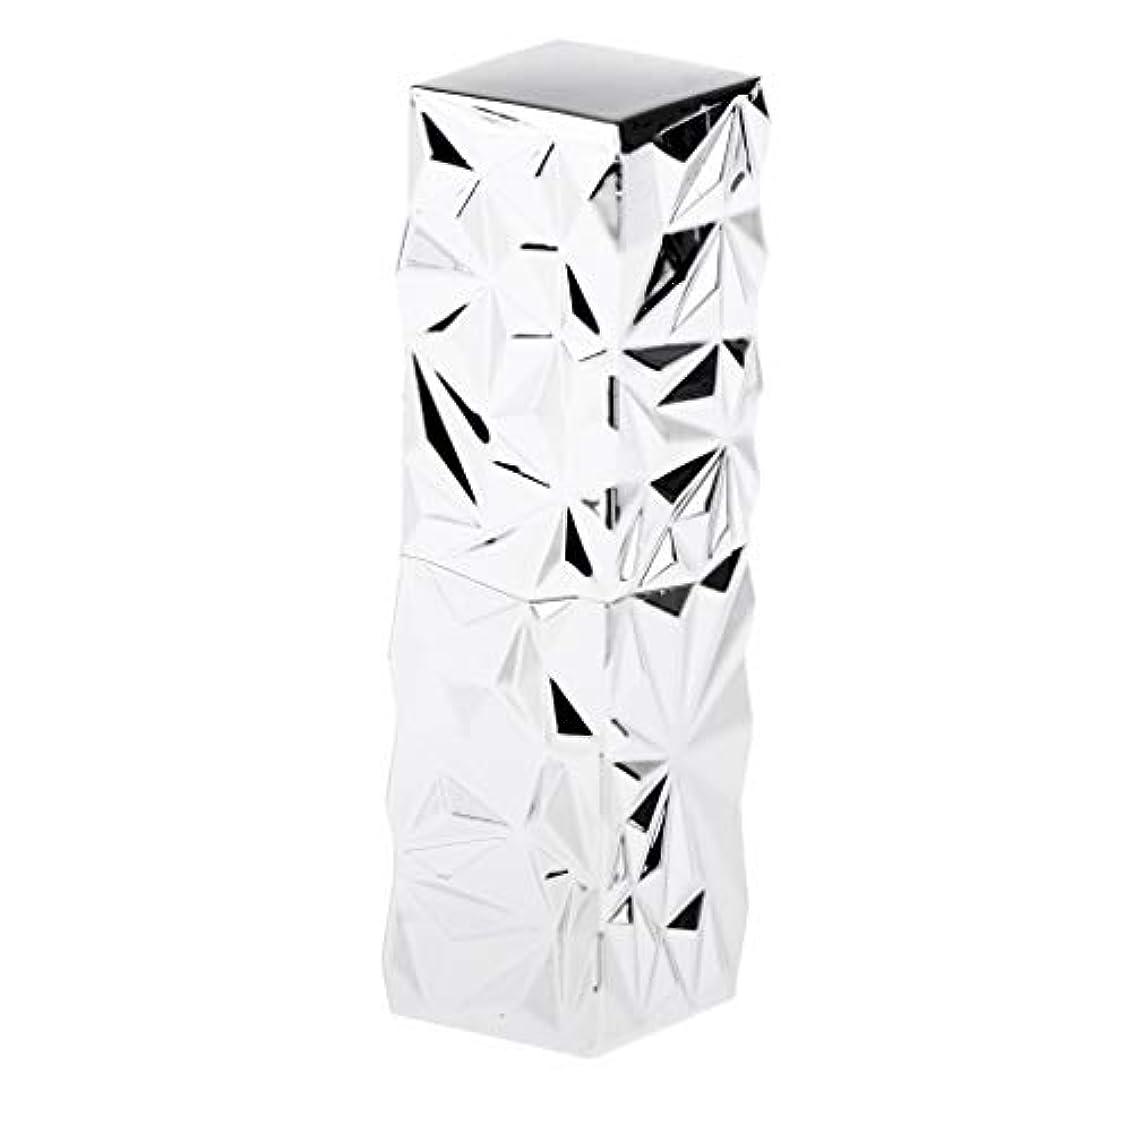 放送滑り台韓国語口紅 容器 空 リップクリームチューブ 口紅管 DIY 詰め替え式 ABS樹脂 全3色 - 銀